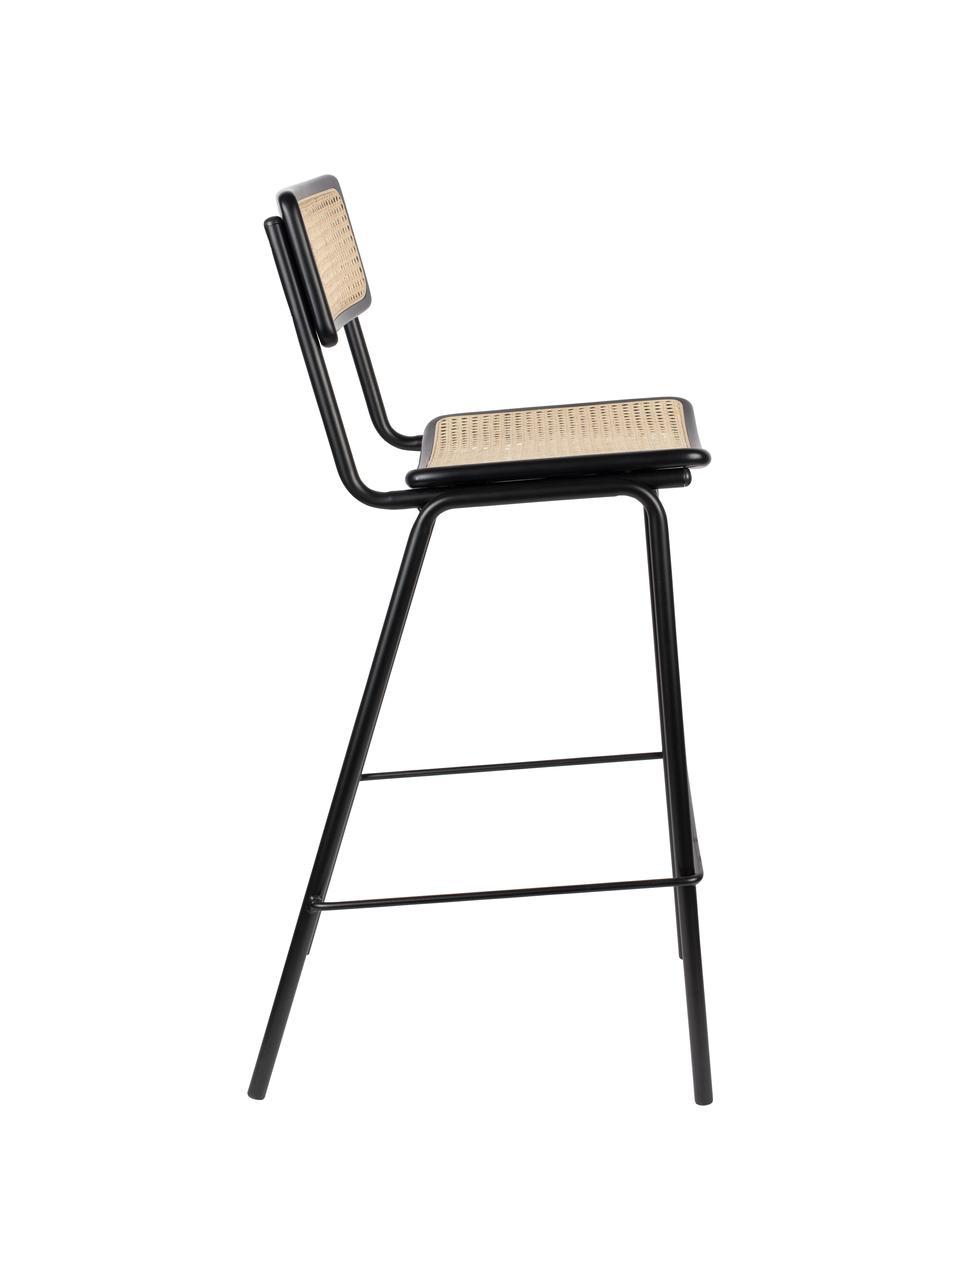 Schwarzer Barhocker Jort mit Wiener Geflecht, Sitzfläche: Rattan, Rahmen: Birkenholz, massiv, lacki, Beine: Stahl, pulverbeschichtet, Schwarz, 47 x 106 cm